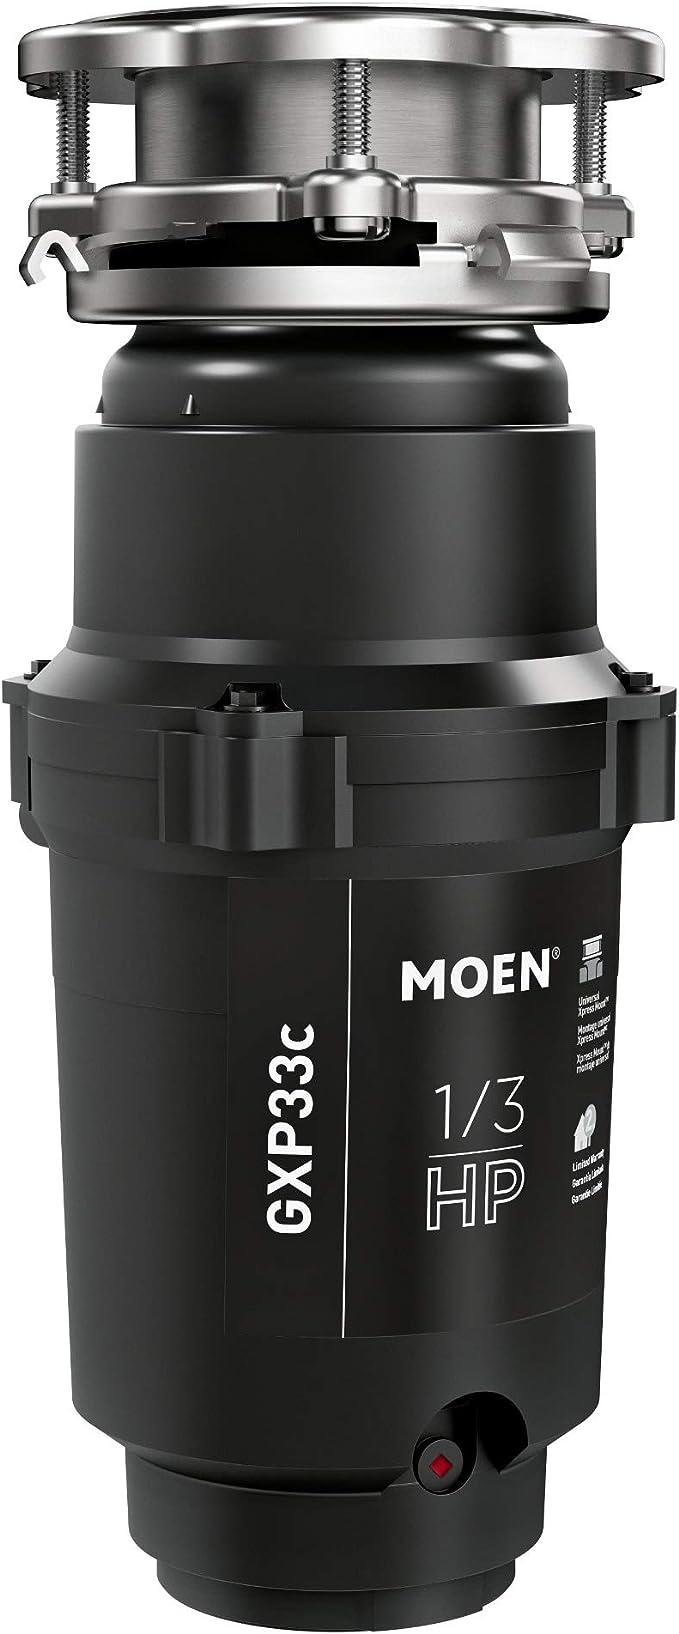 Moen GXP33C Lite Series PRO 1 3 HP Continuous